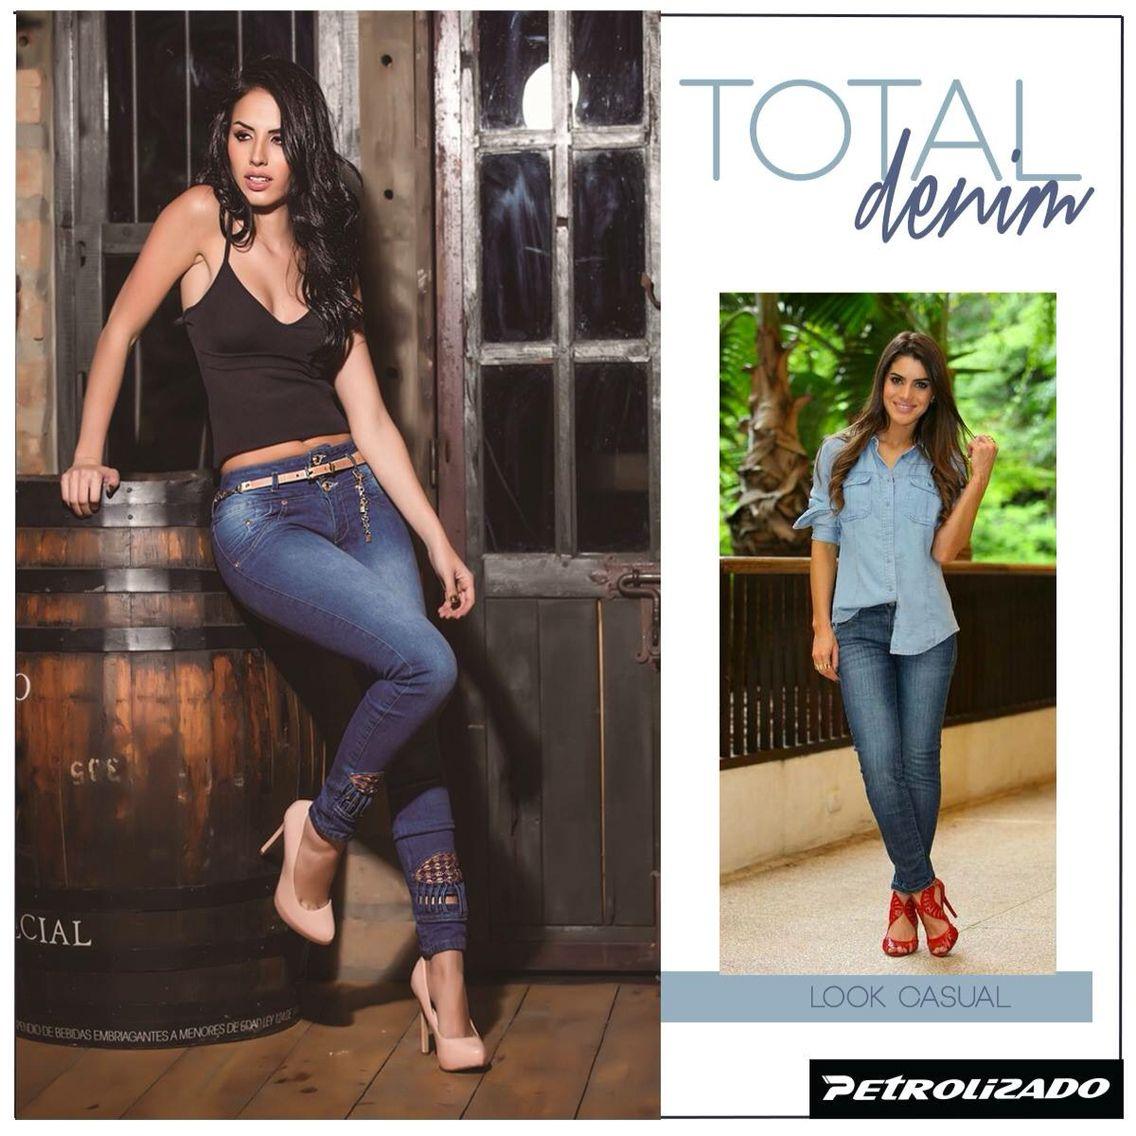 Hoy es Jueves, #Jueves de #denim  #totaldenim  con #PetrolizadoJeans